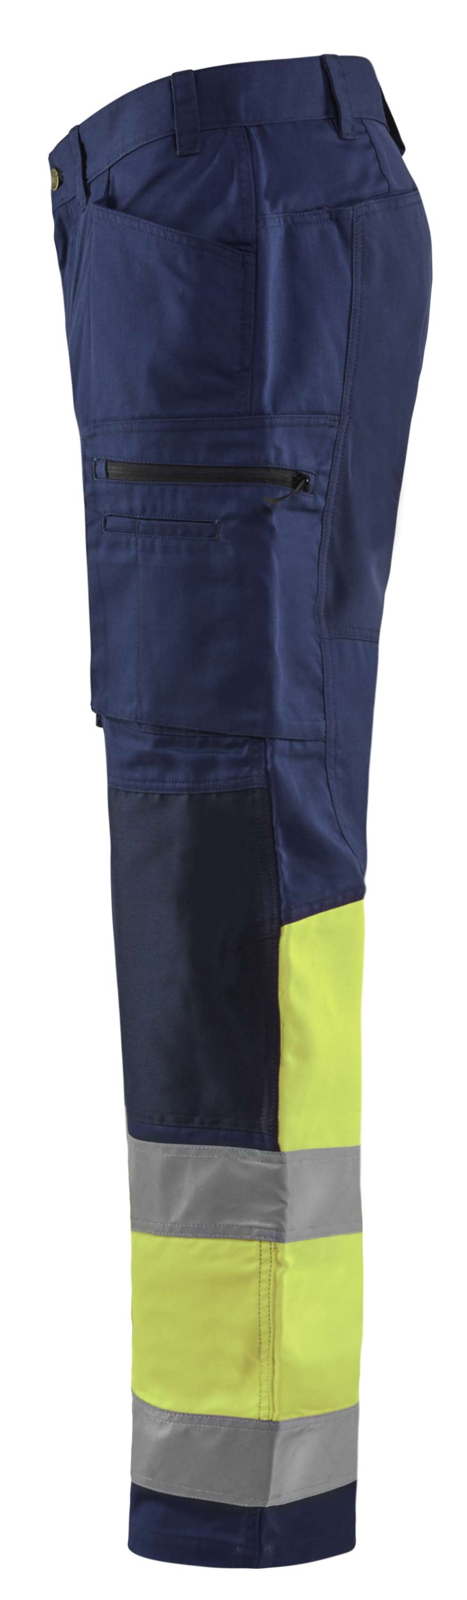 Blaklader Broeken 15511811 High Vis marineblauw-fluo geel(8933)